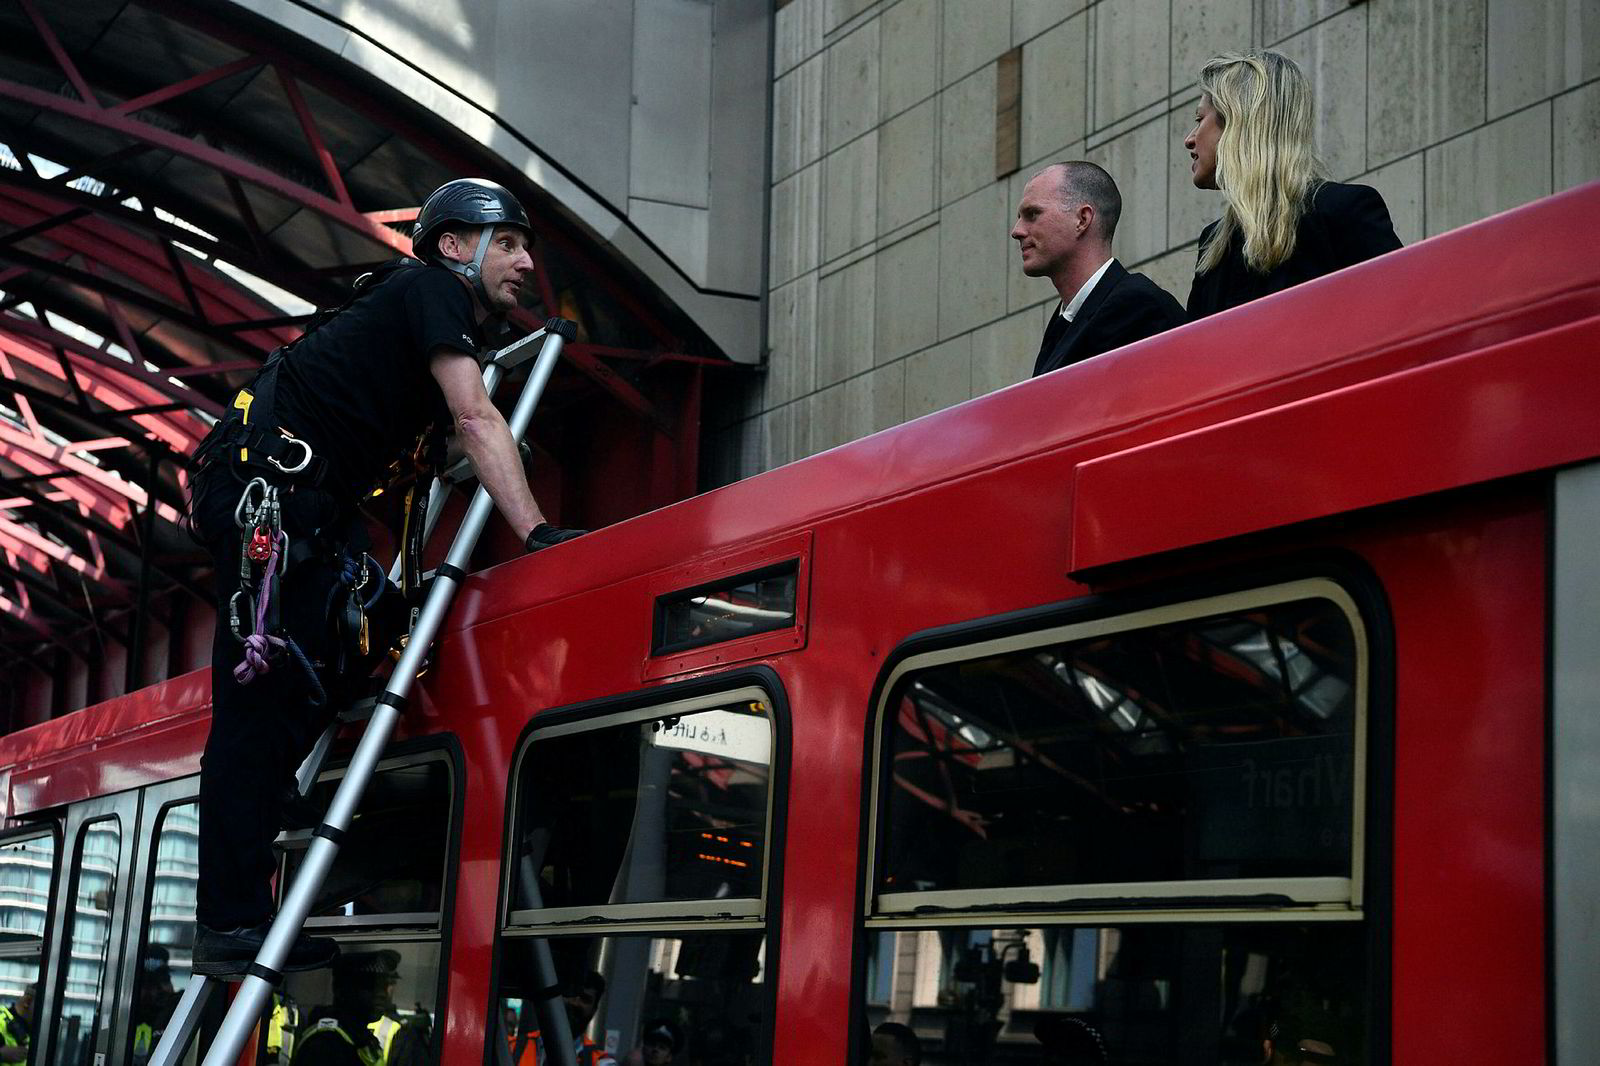 Politiet snakker med aktivister som har klatret opp på et tog og limt seg selv fast til en togvogn på Canary Wharf stasjon øst i London. Stuntet er en del av klimaprotestene til Extinction Rebellion.